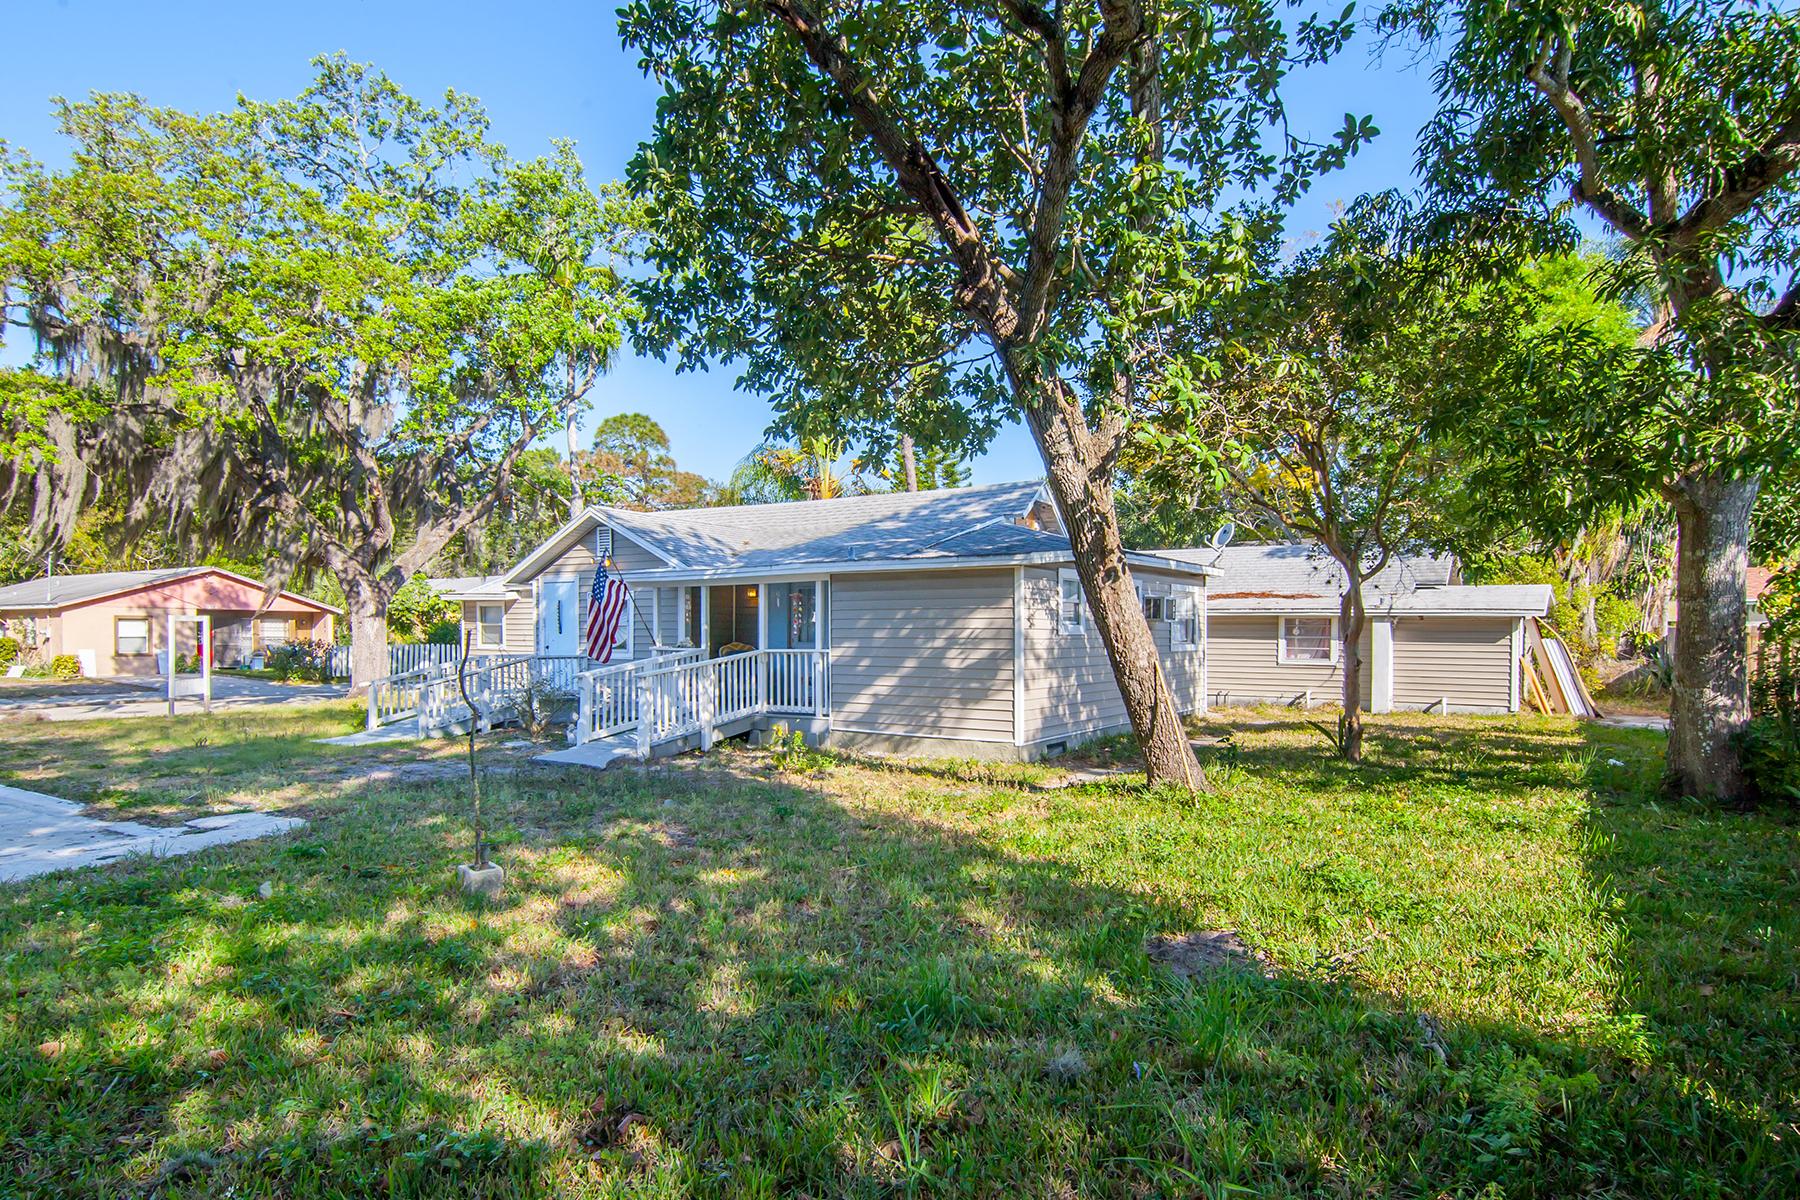 Multi-Family Home for Sale at BRADENTON 1329 11th St W Bradenton, Florida 34205 United States